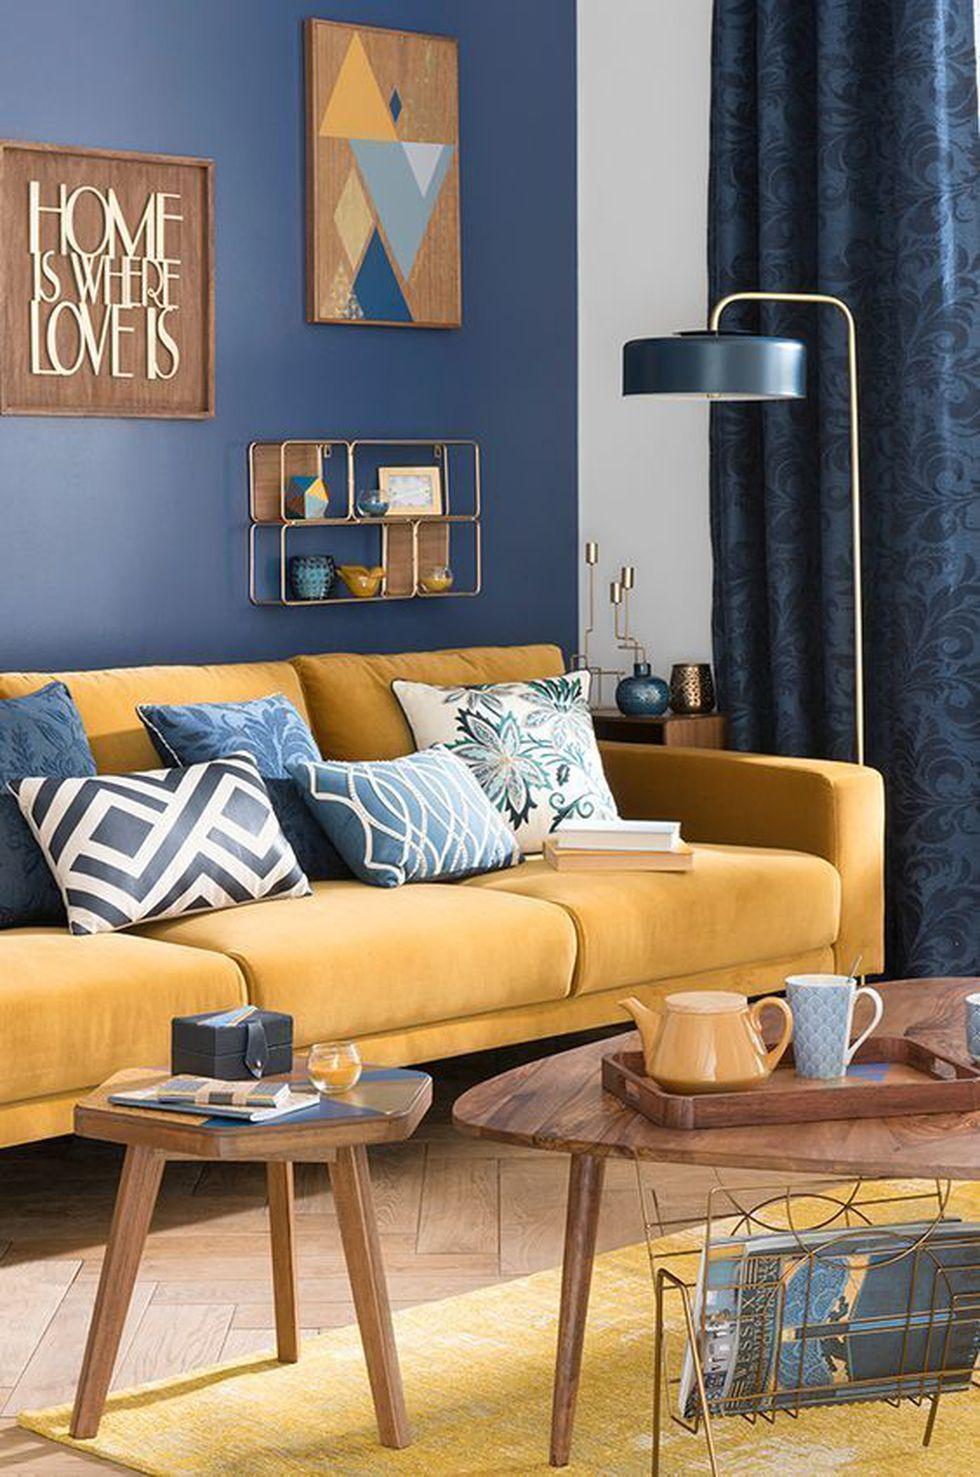 Combinado con el azul, el mostaza queda perfecto. (Foto: Pinterest Inspirahogar)